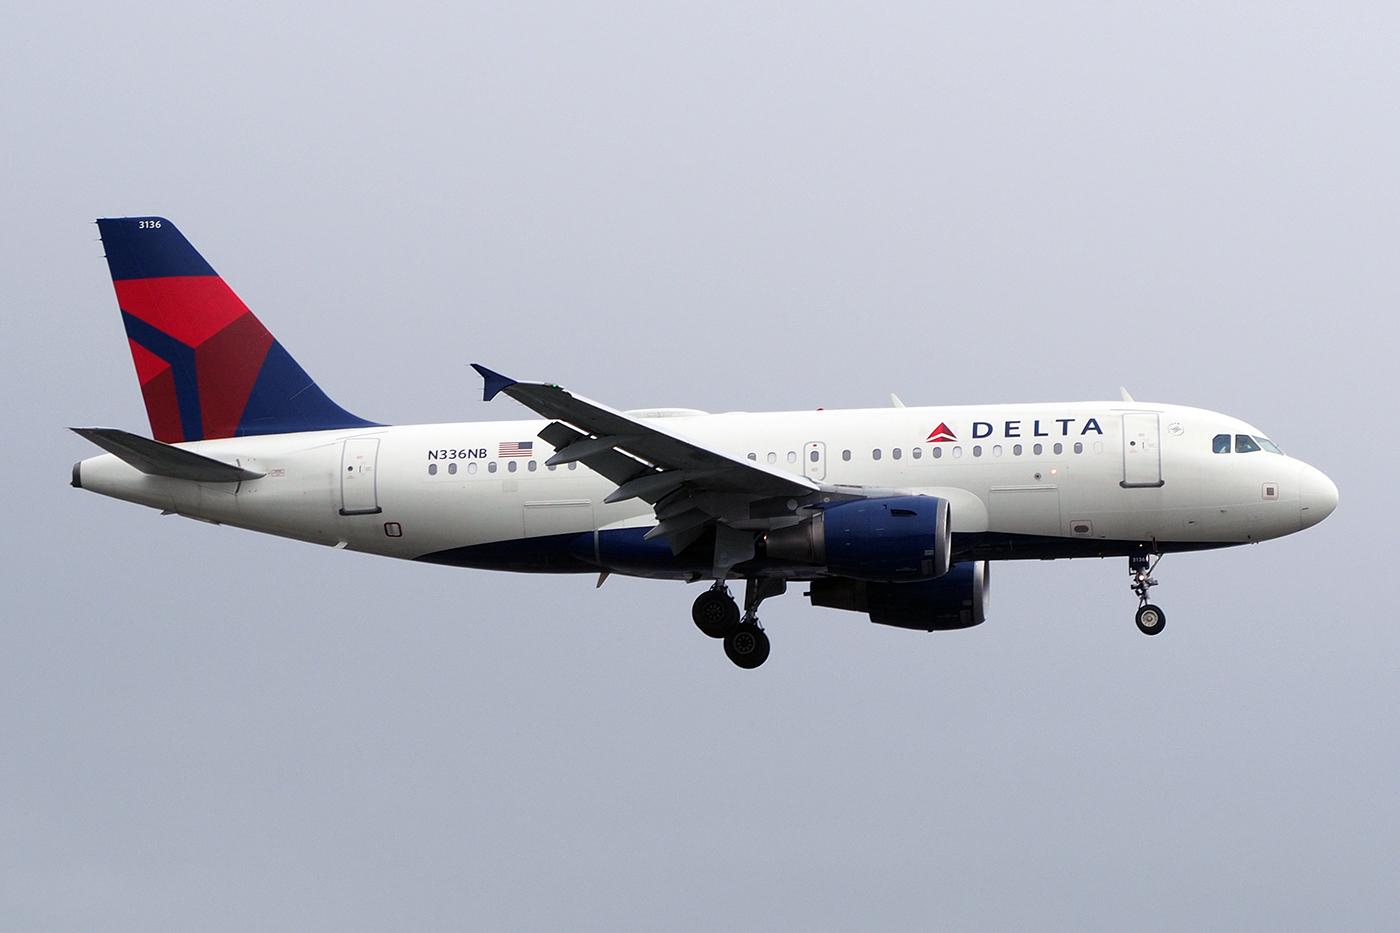 N336NB, Delta, A319